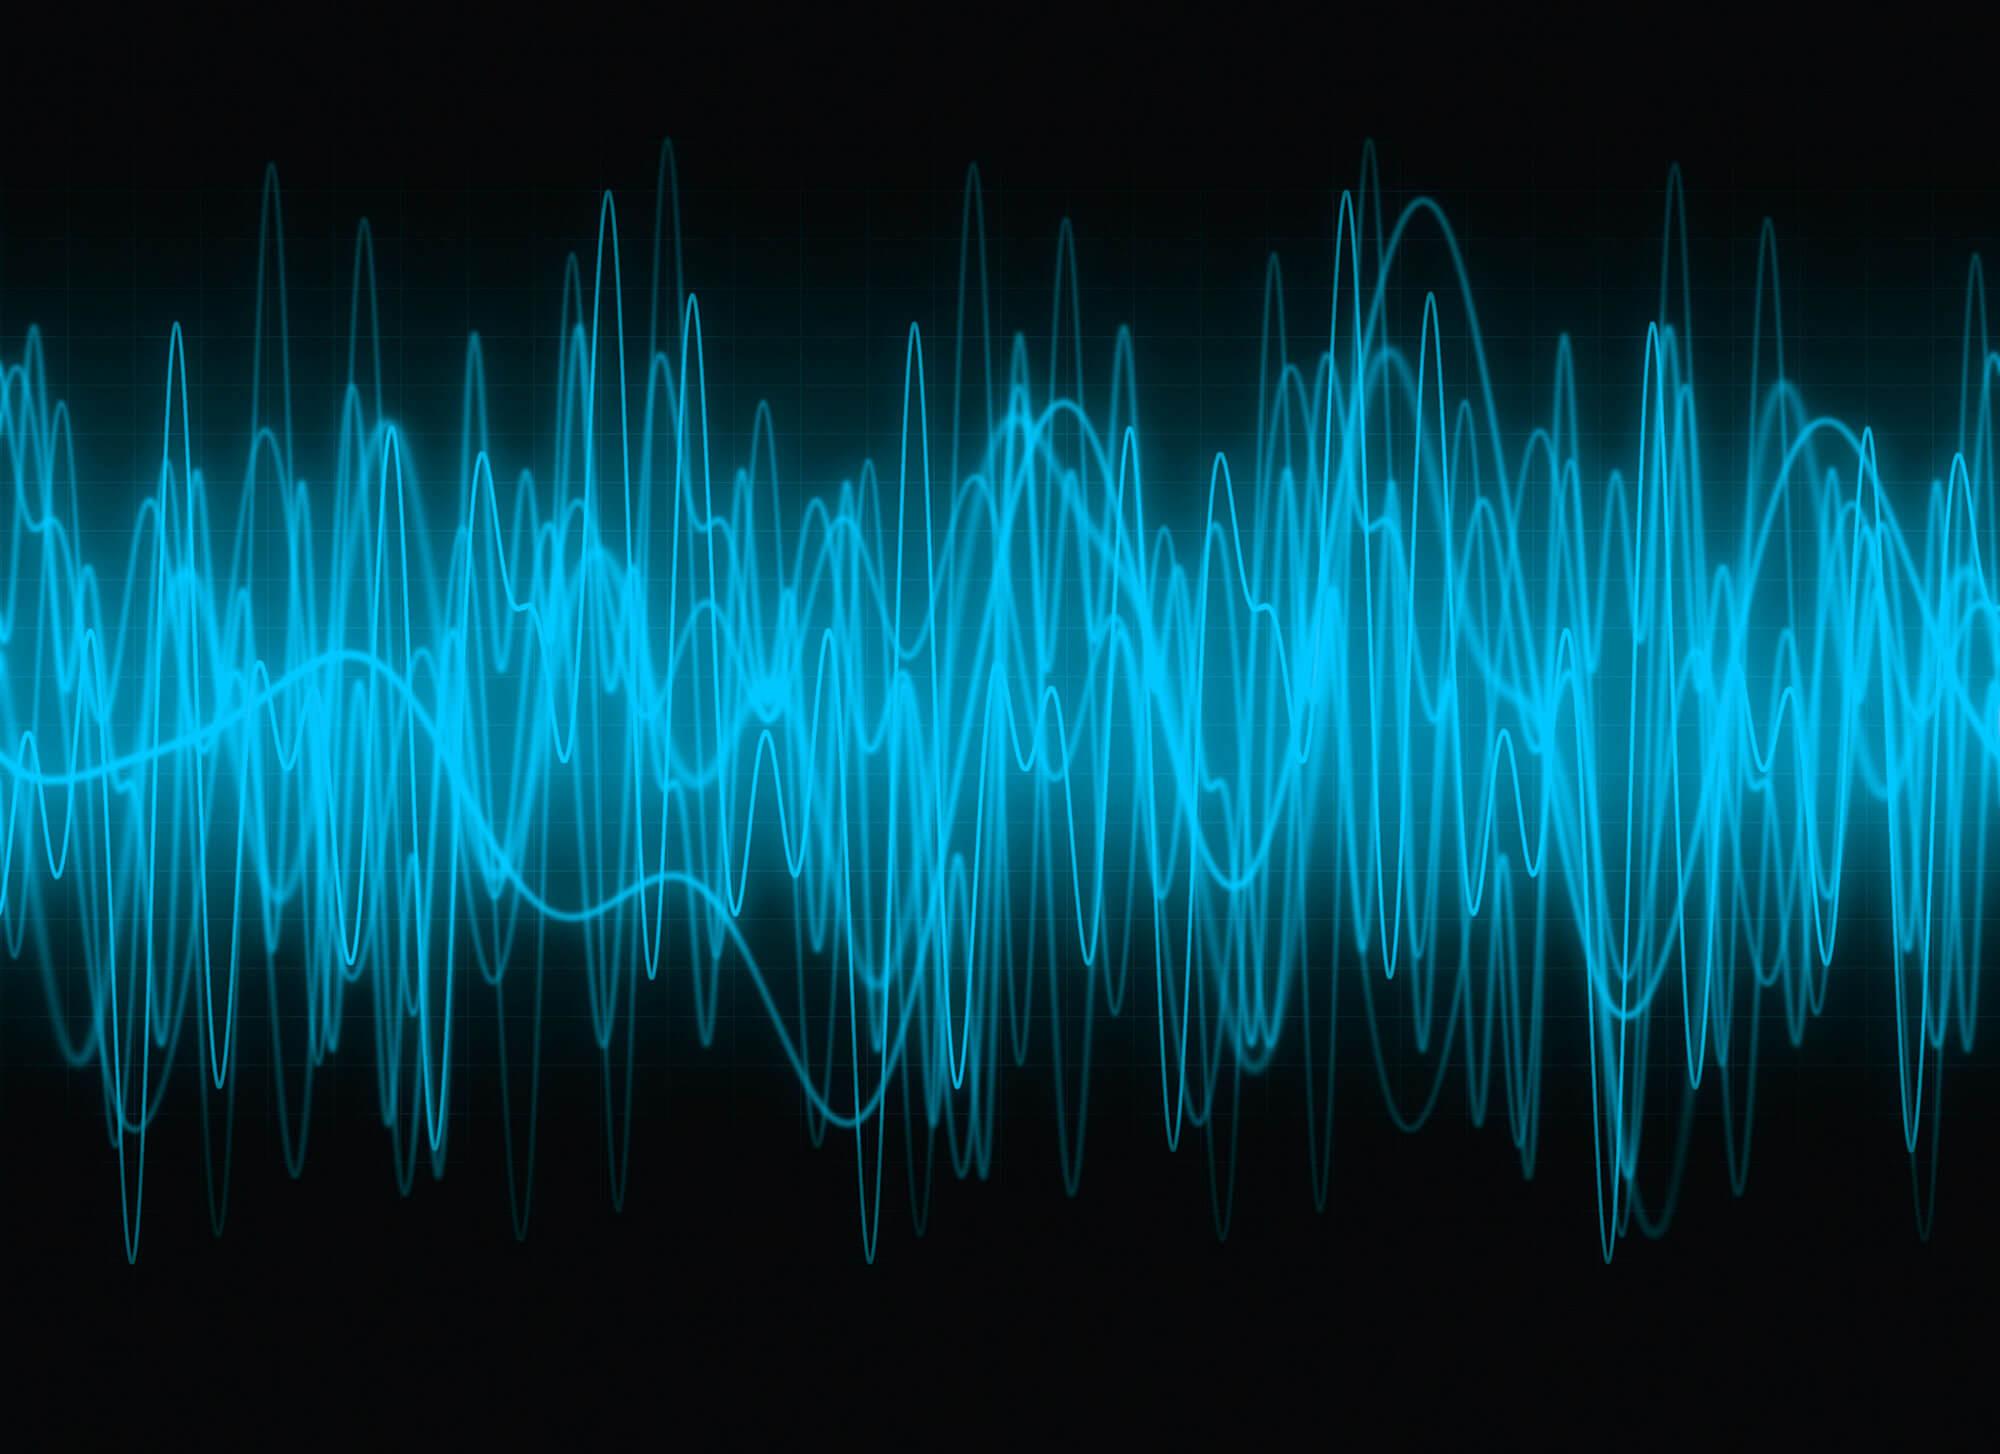 цифровой звук картинка перед тем, как